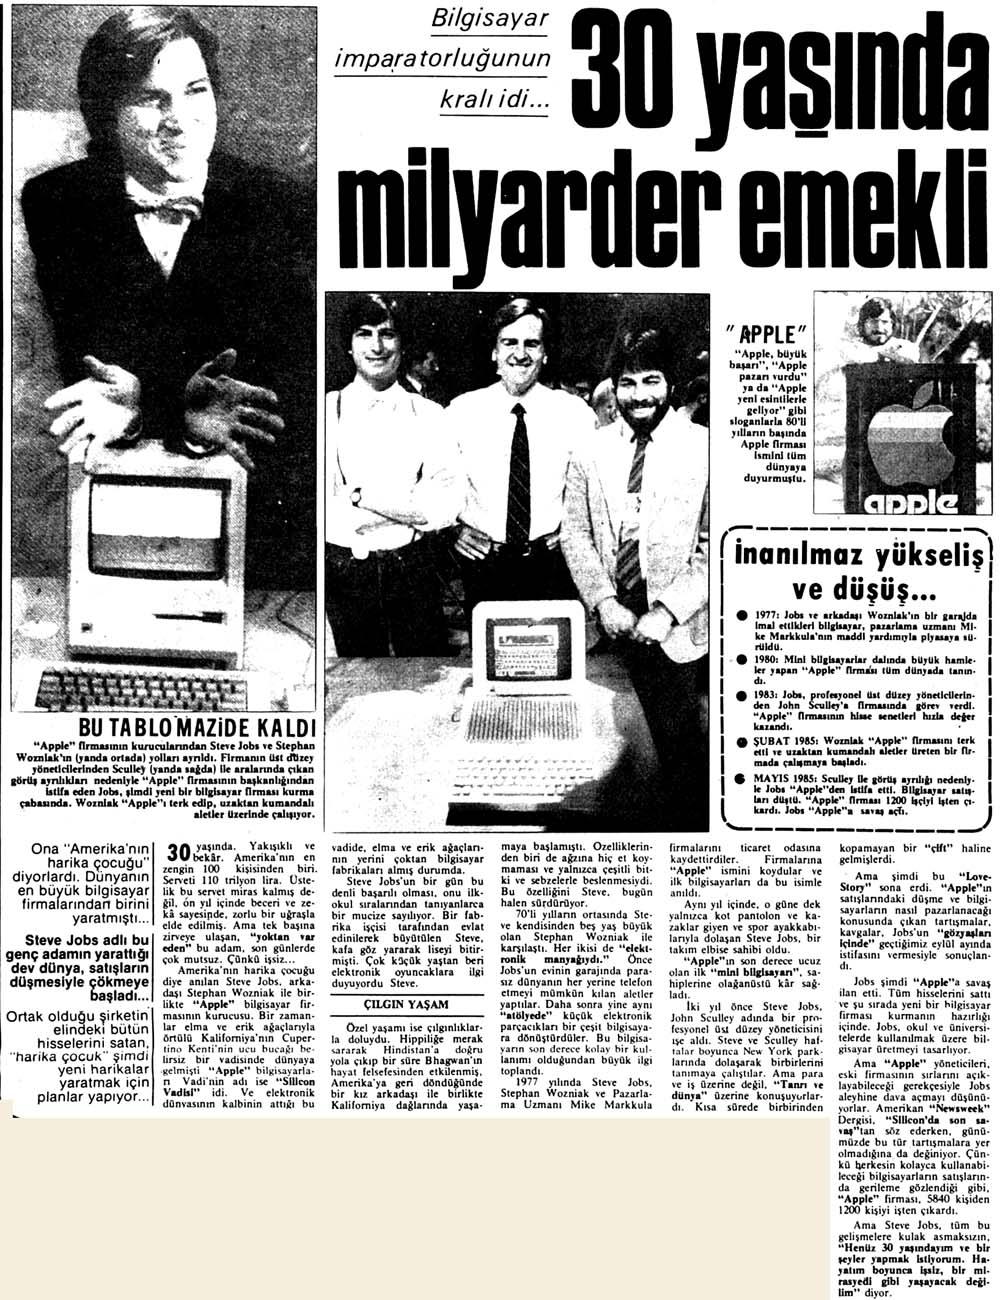 Bilgisayar imparatorluğunun kralı idi...